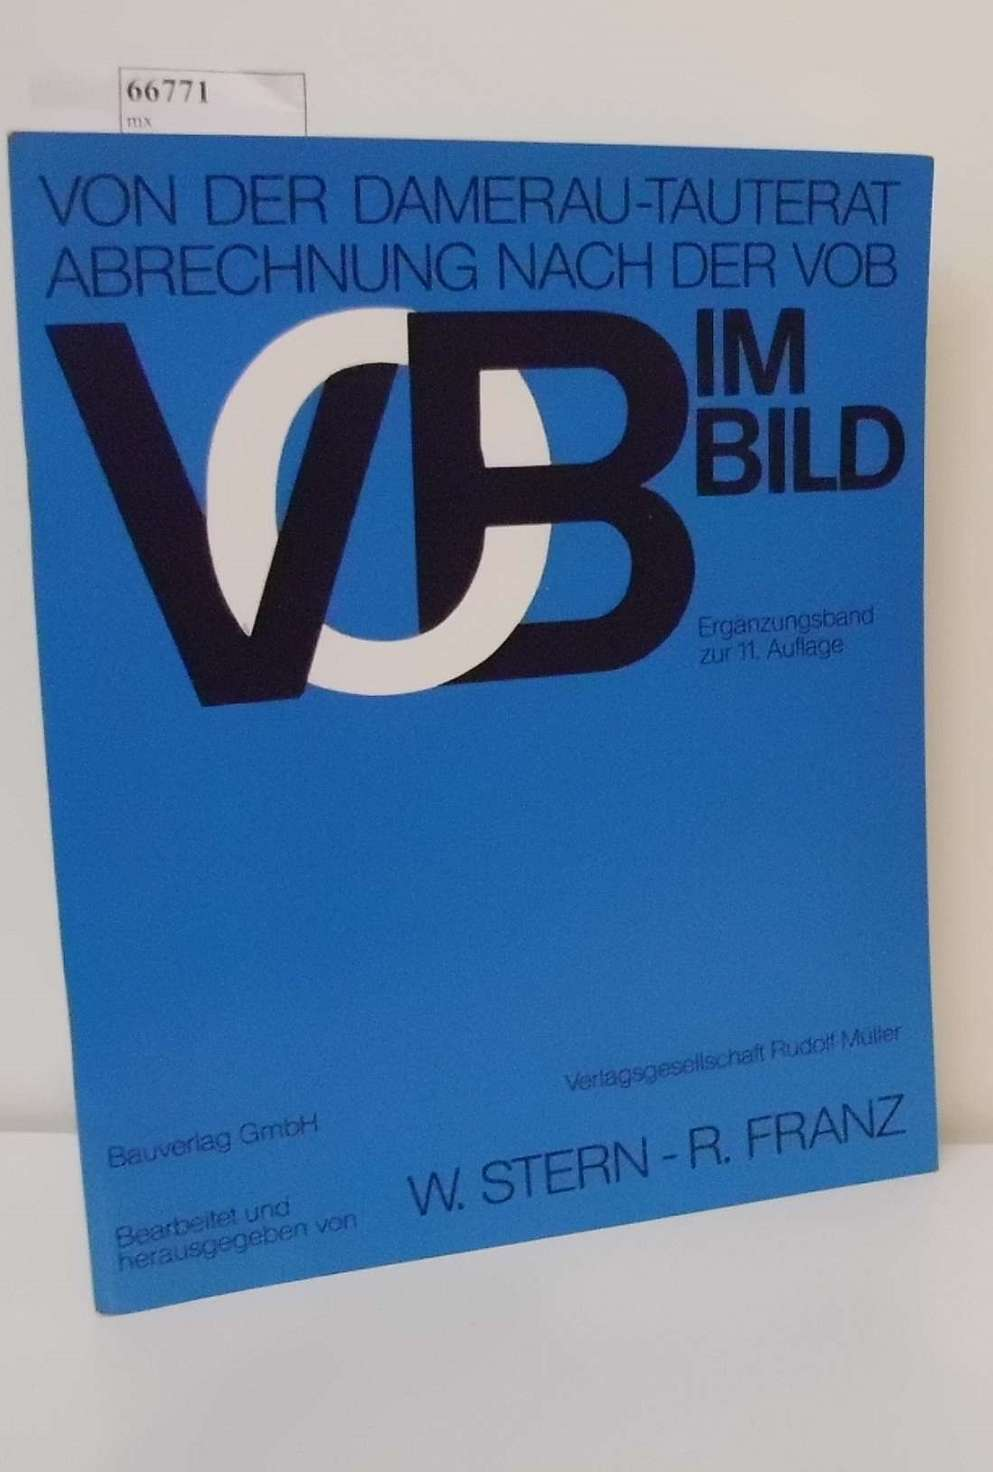 W. Stern  R. Franz: VOB im Bild. Von der Damerau-Tauterat Abrechnung nach der VOB Ergänzungsband zur 11. Auflage